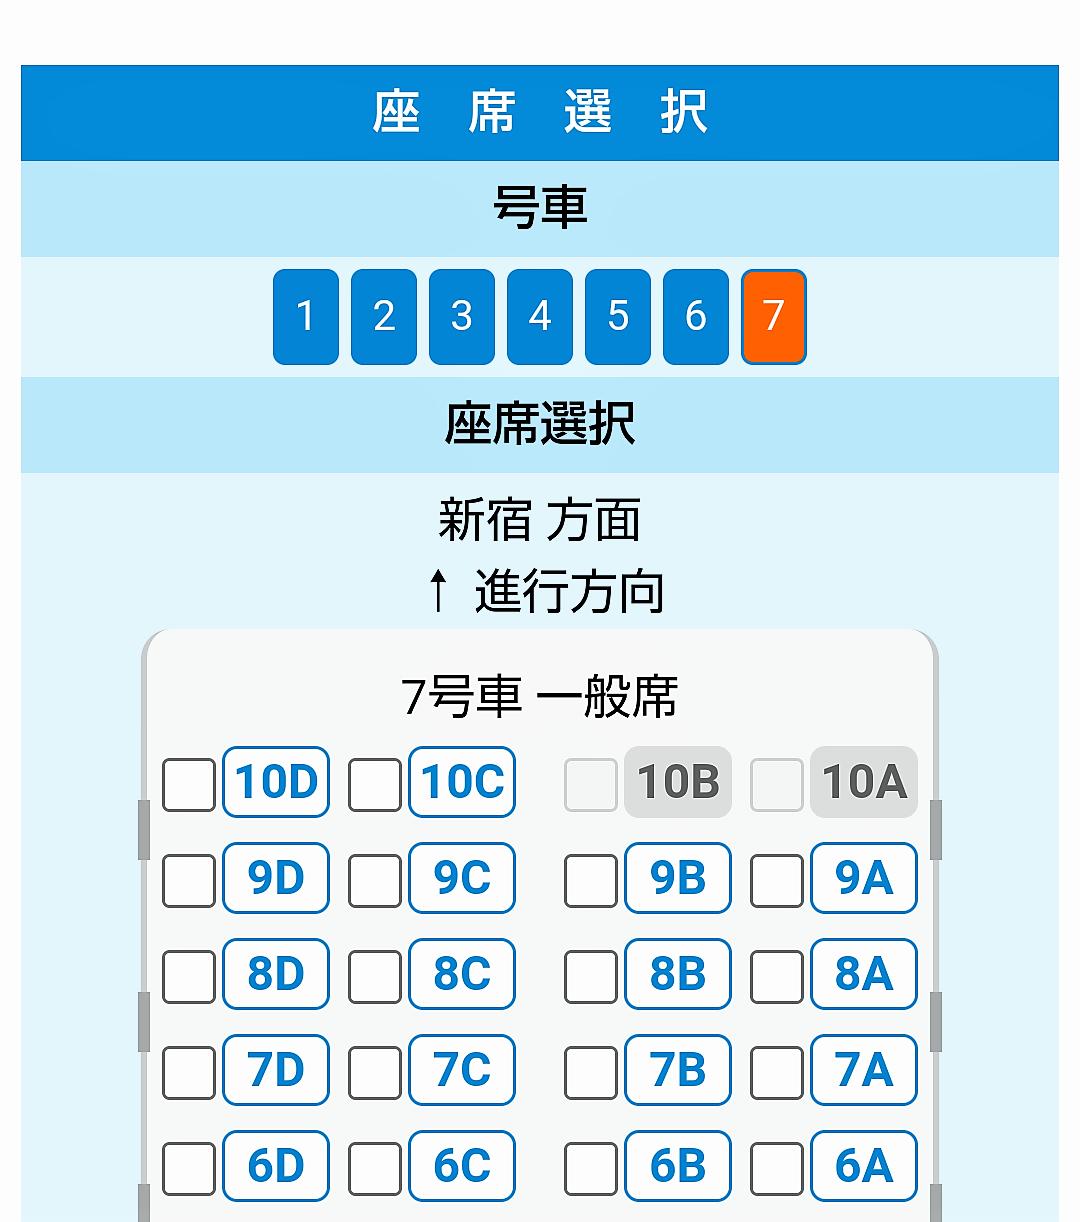 ロマンスカーGSEの一般席7号車【座席表】